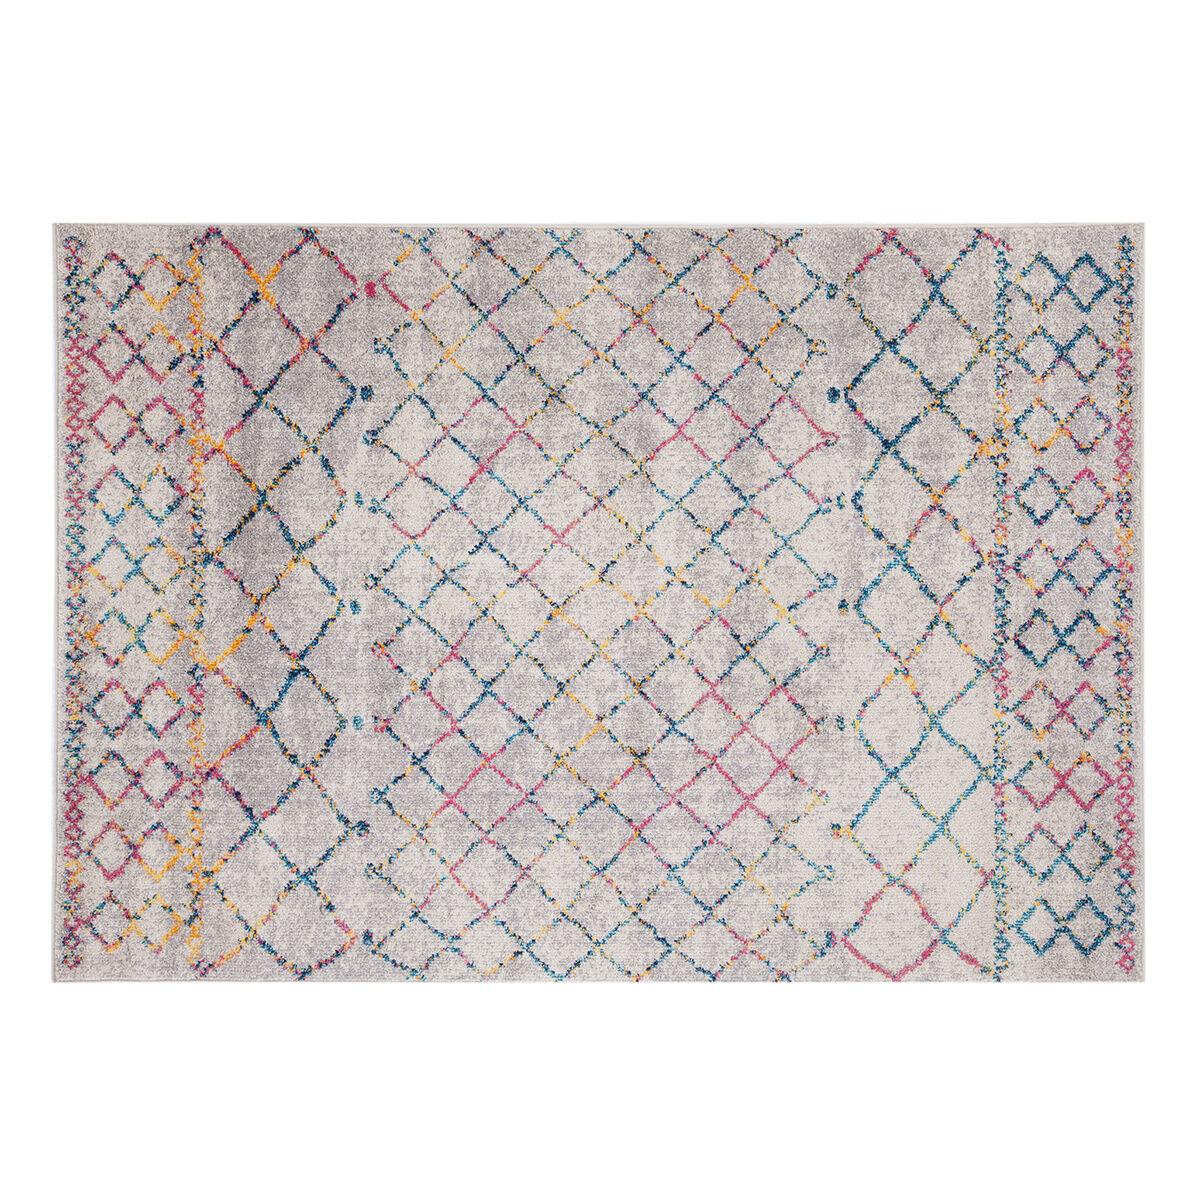 Miliboo Tapis style berbère gris et multicolore 160 x 230 cm CIELO